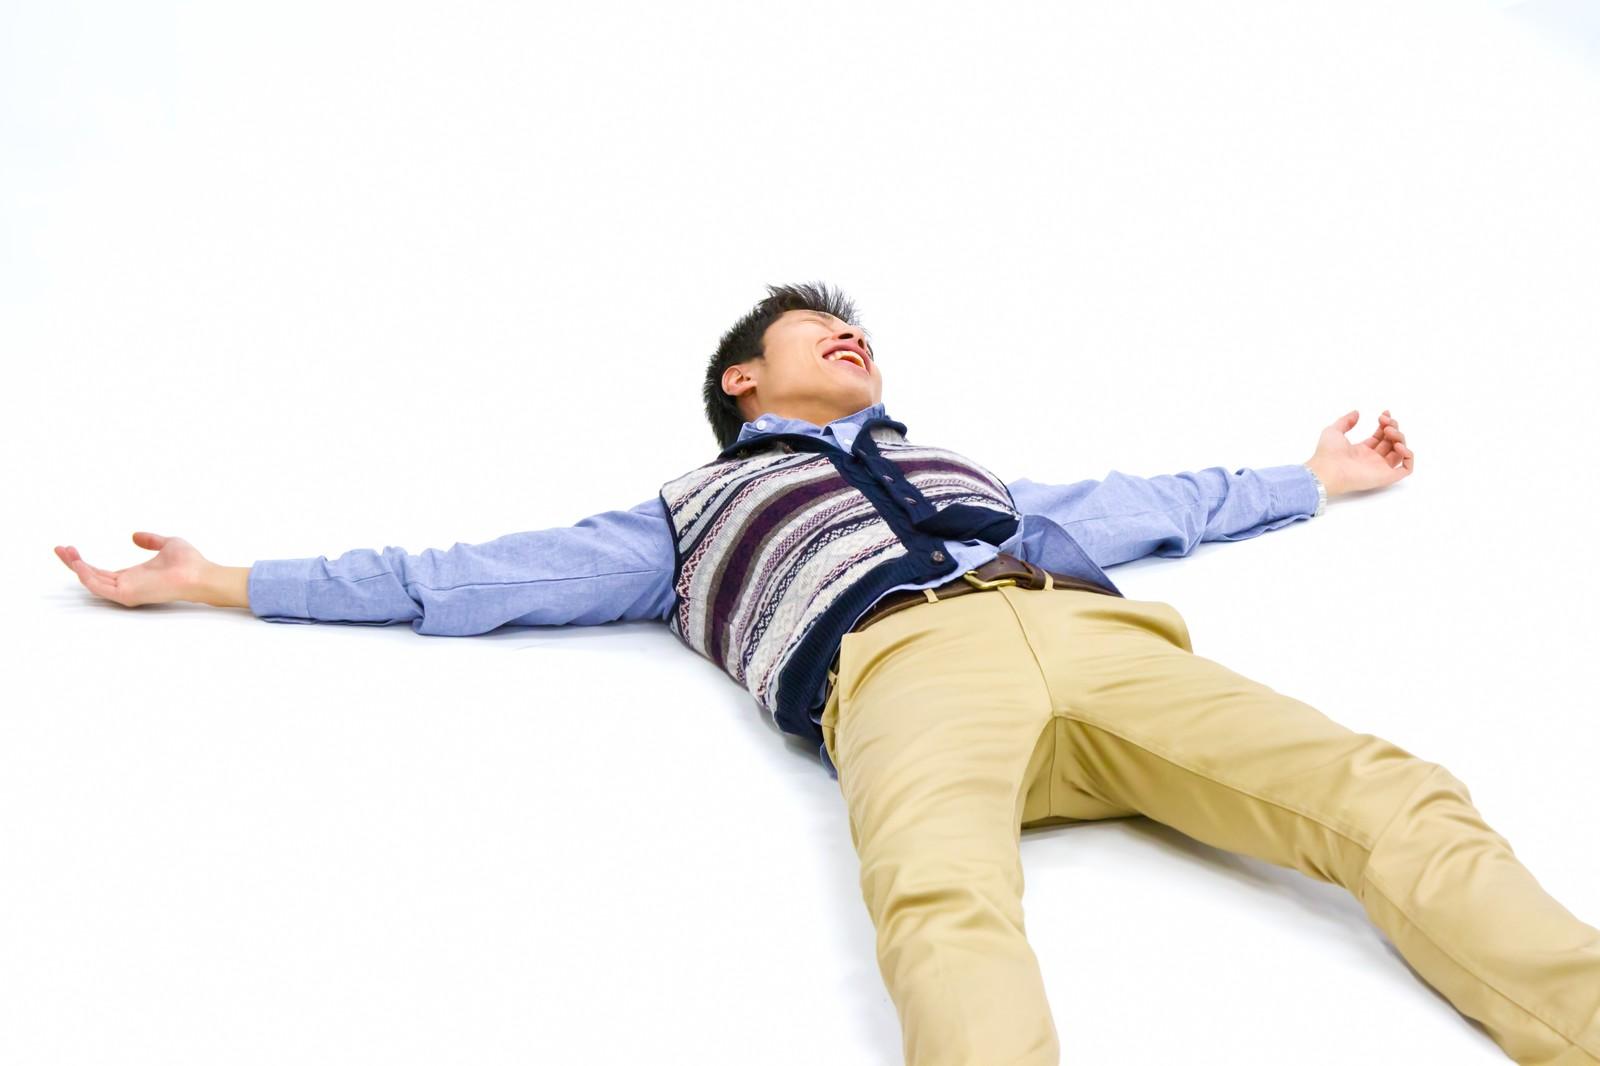 仰向けに寝て両手を広げる男性 [モデル:恭平]